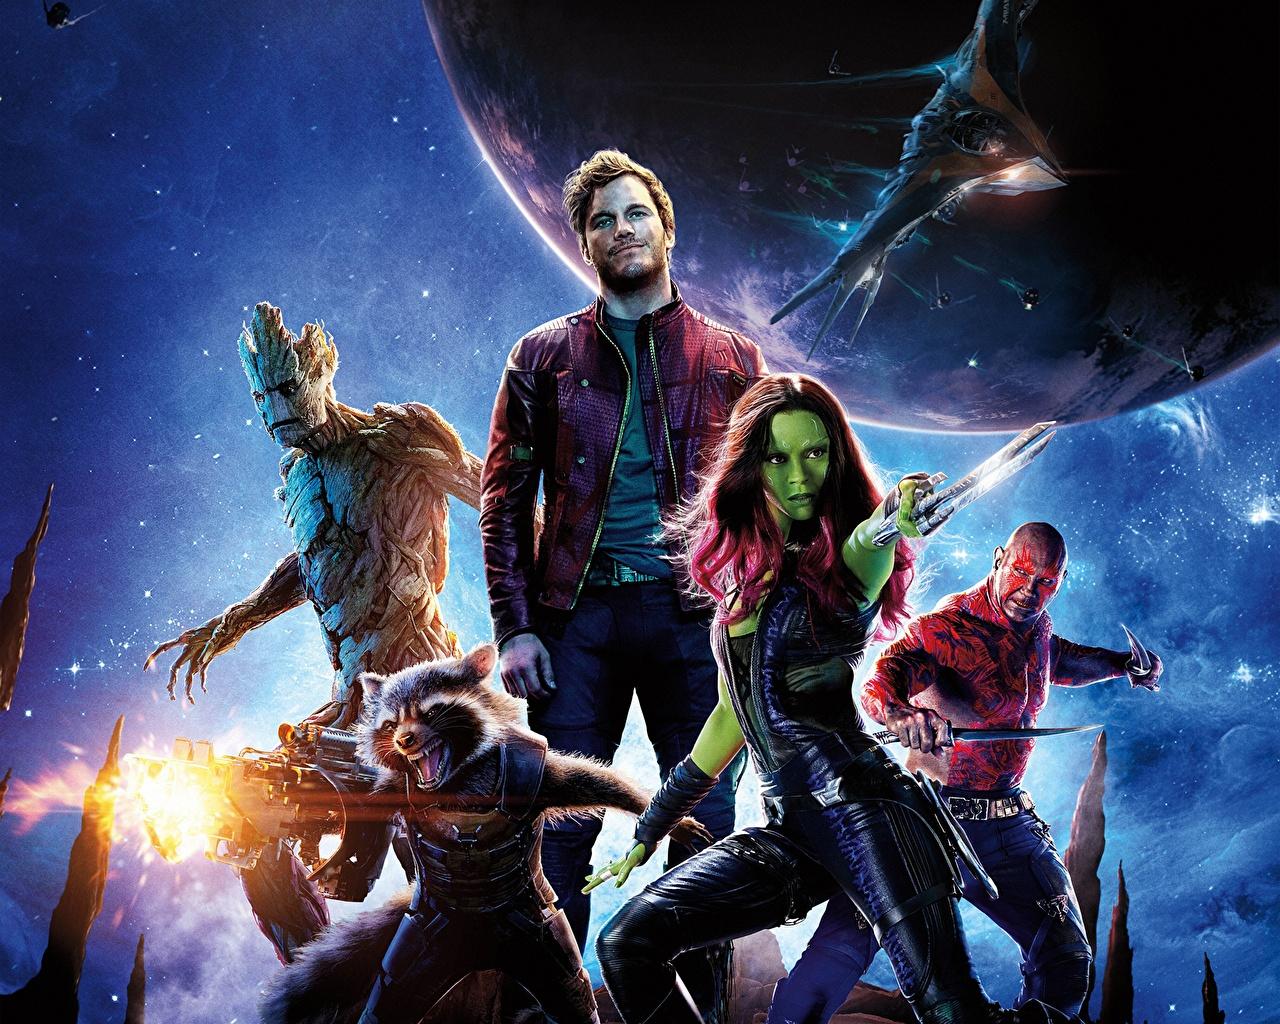 壁紙 ウォリアーズ 戦闘 Guardians Of The Galaxy 映画 ファンタジー ダウンロード 写真